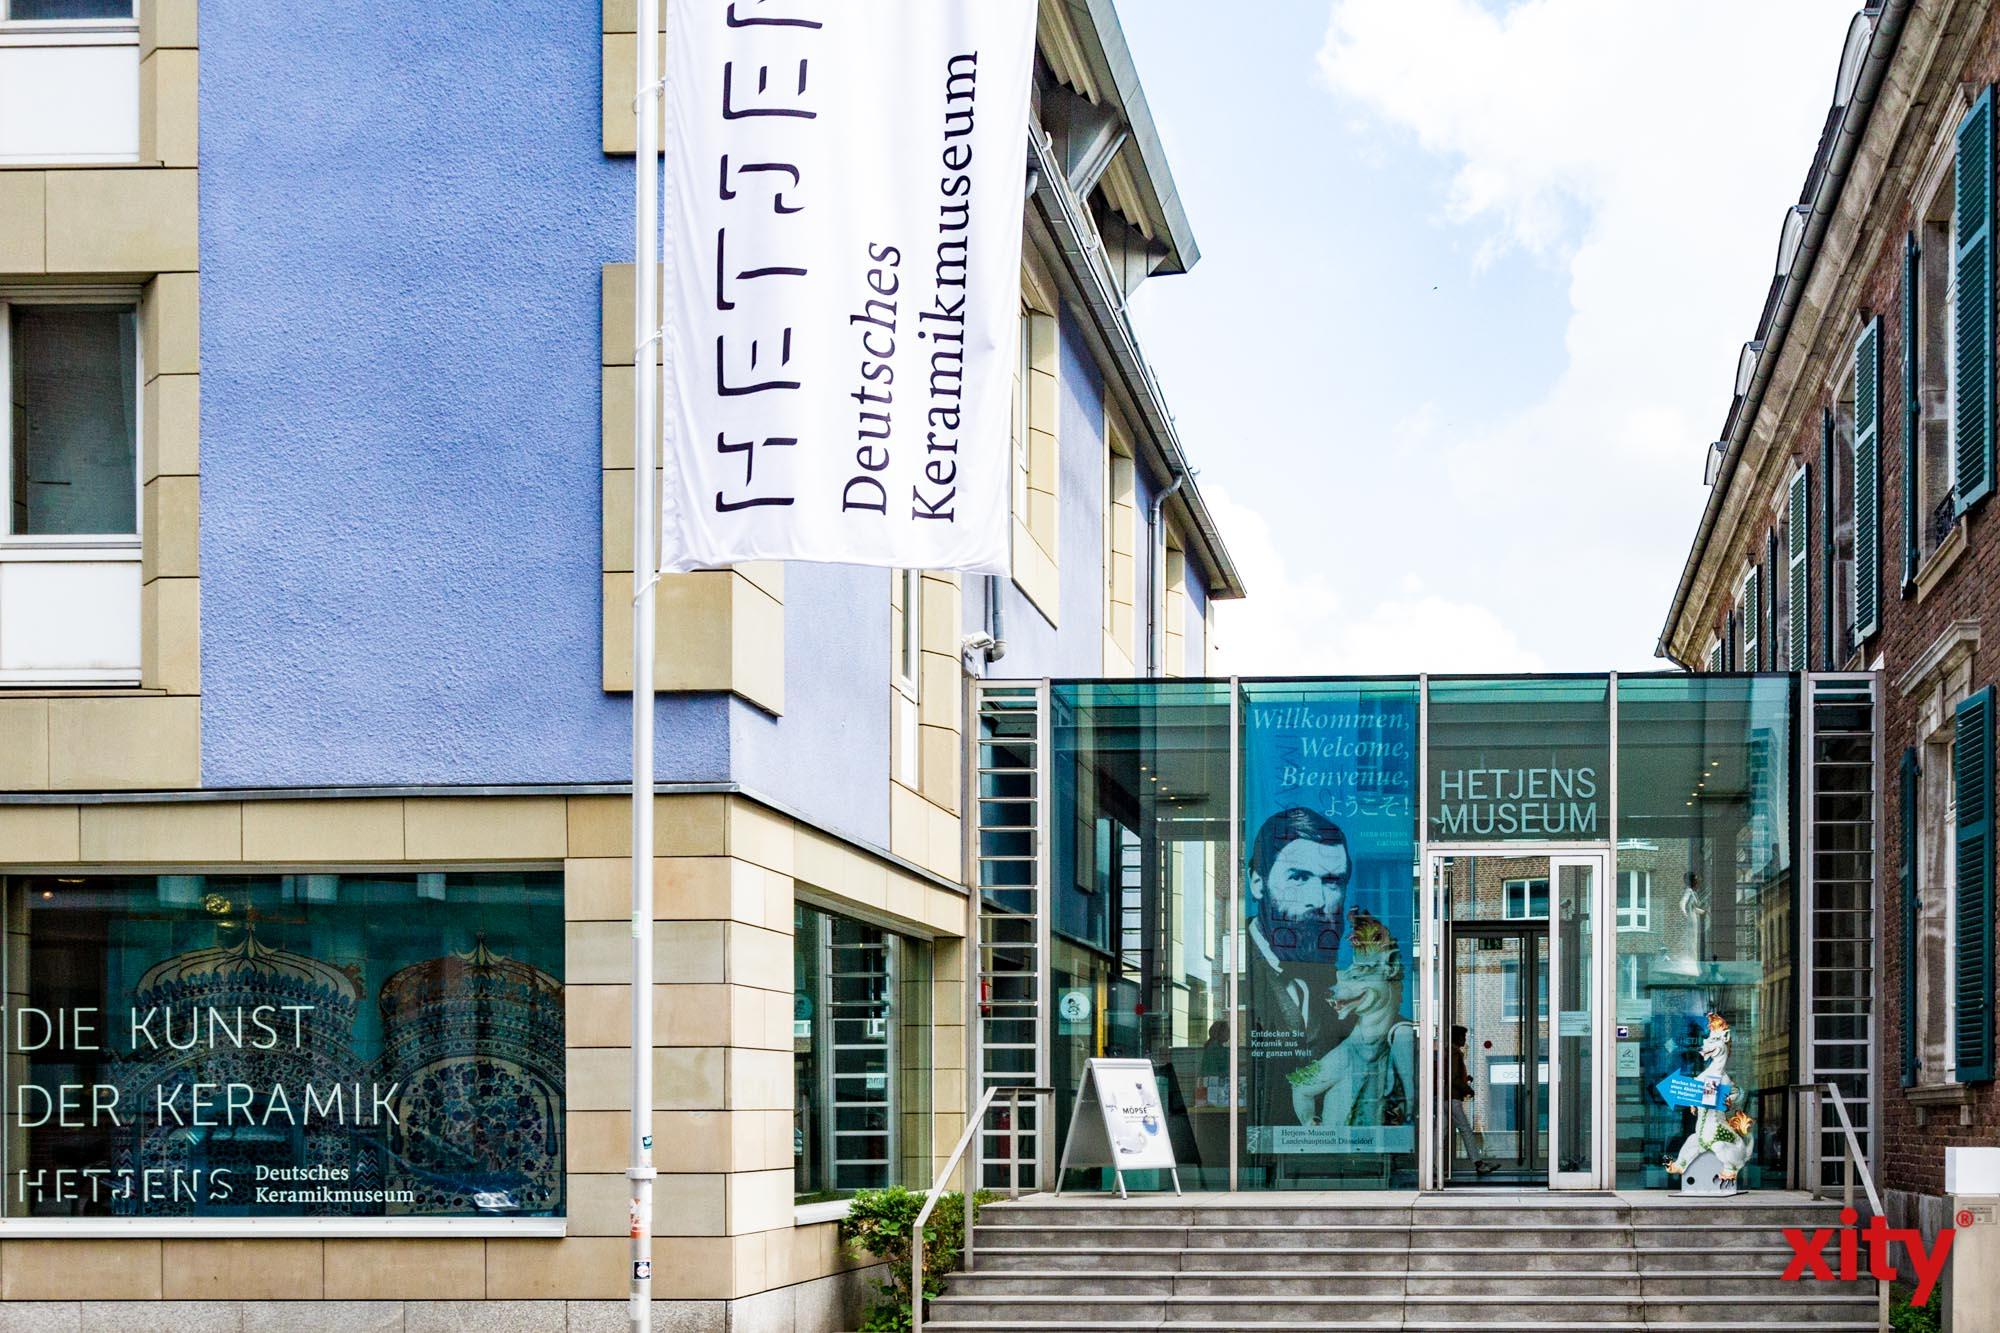 Öffentliche Führung im Hetjens-Museum Düsseldorf (Foto: xity)